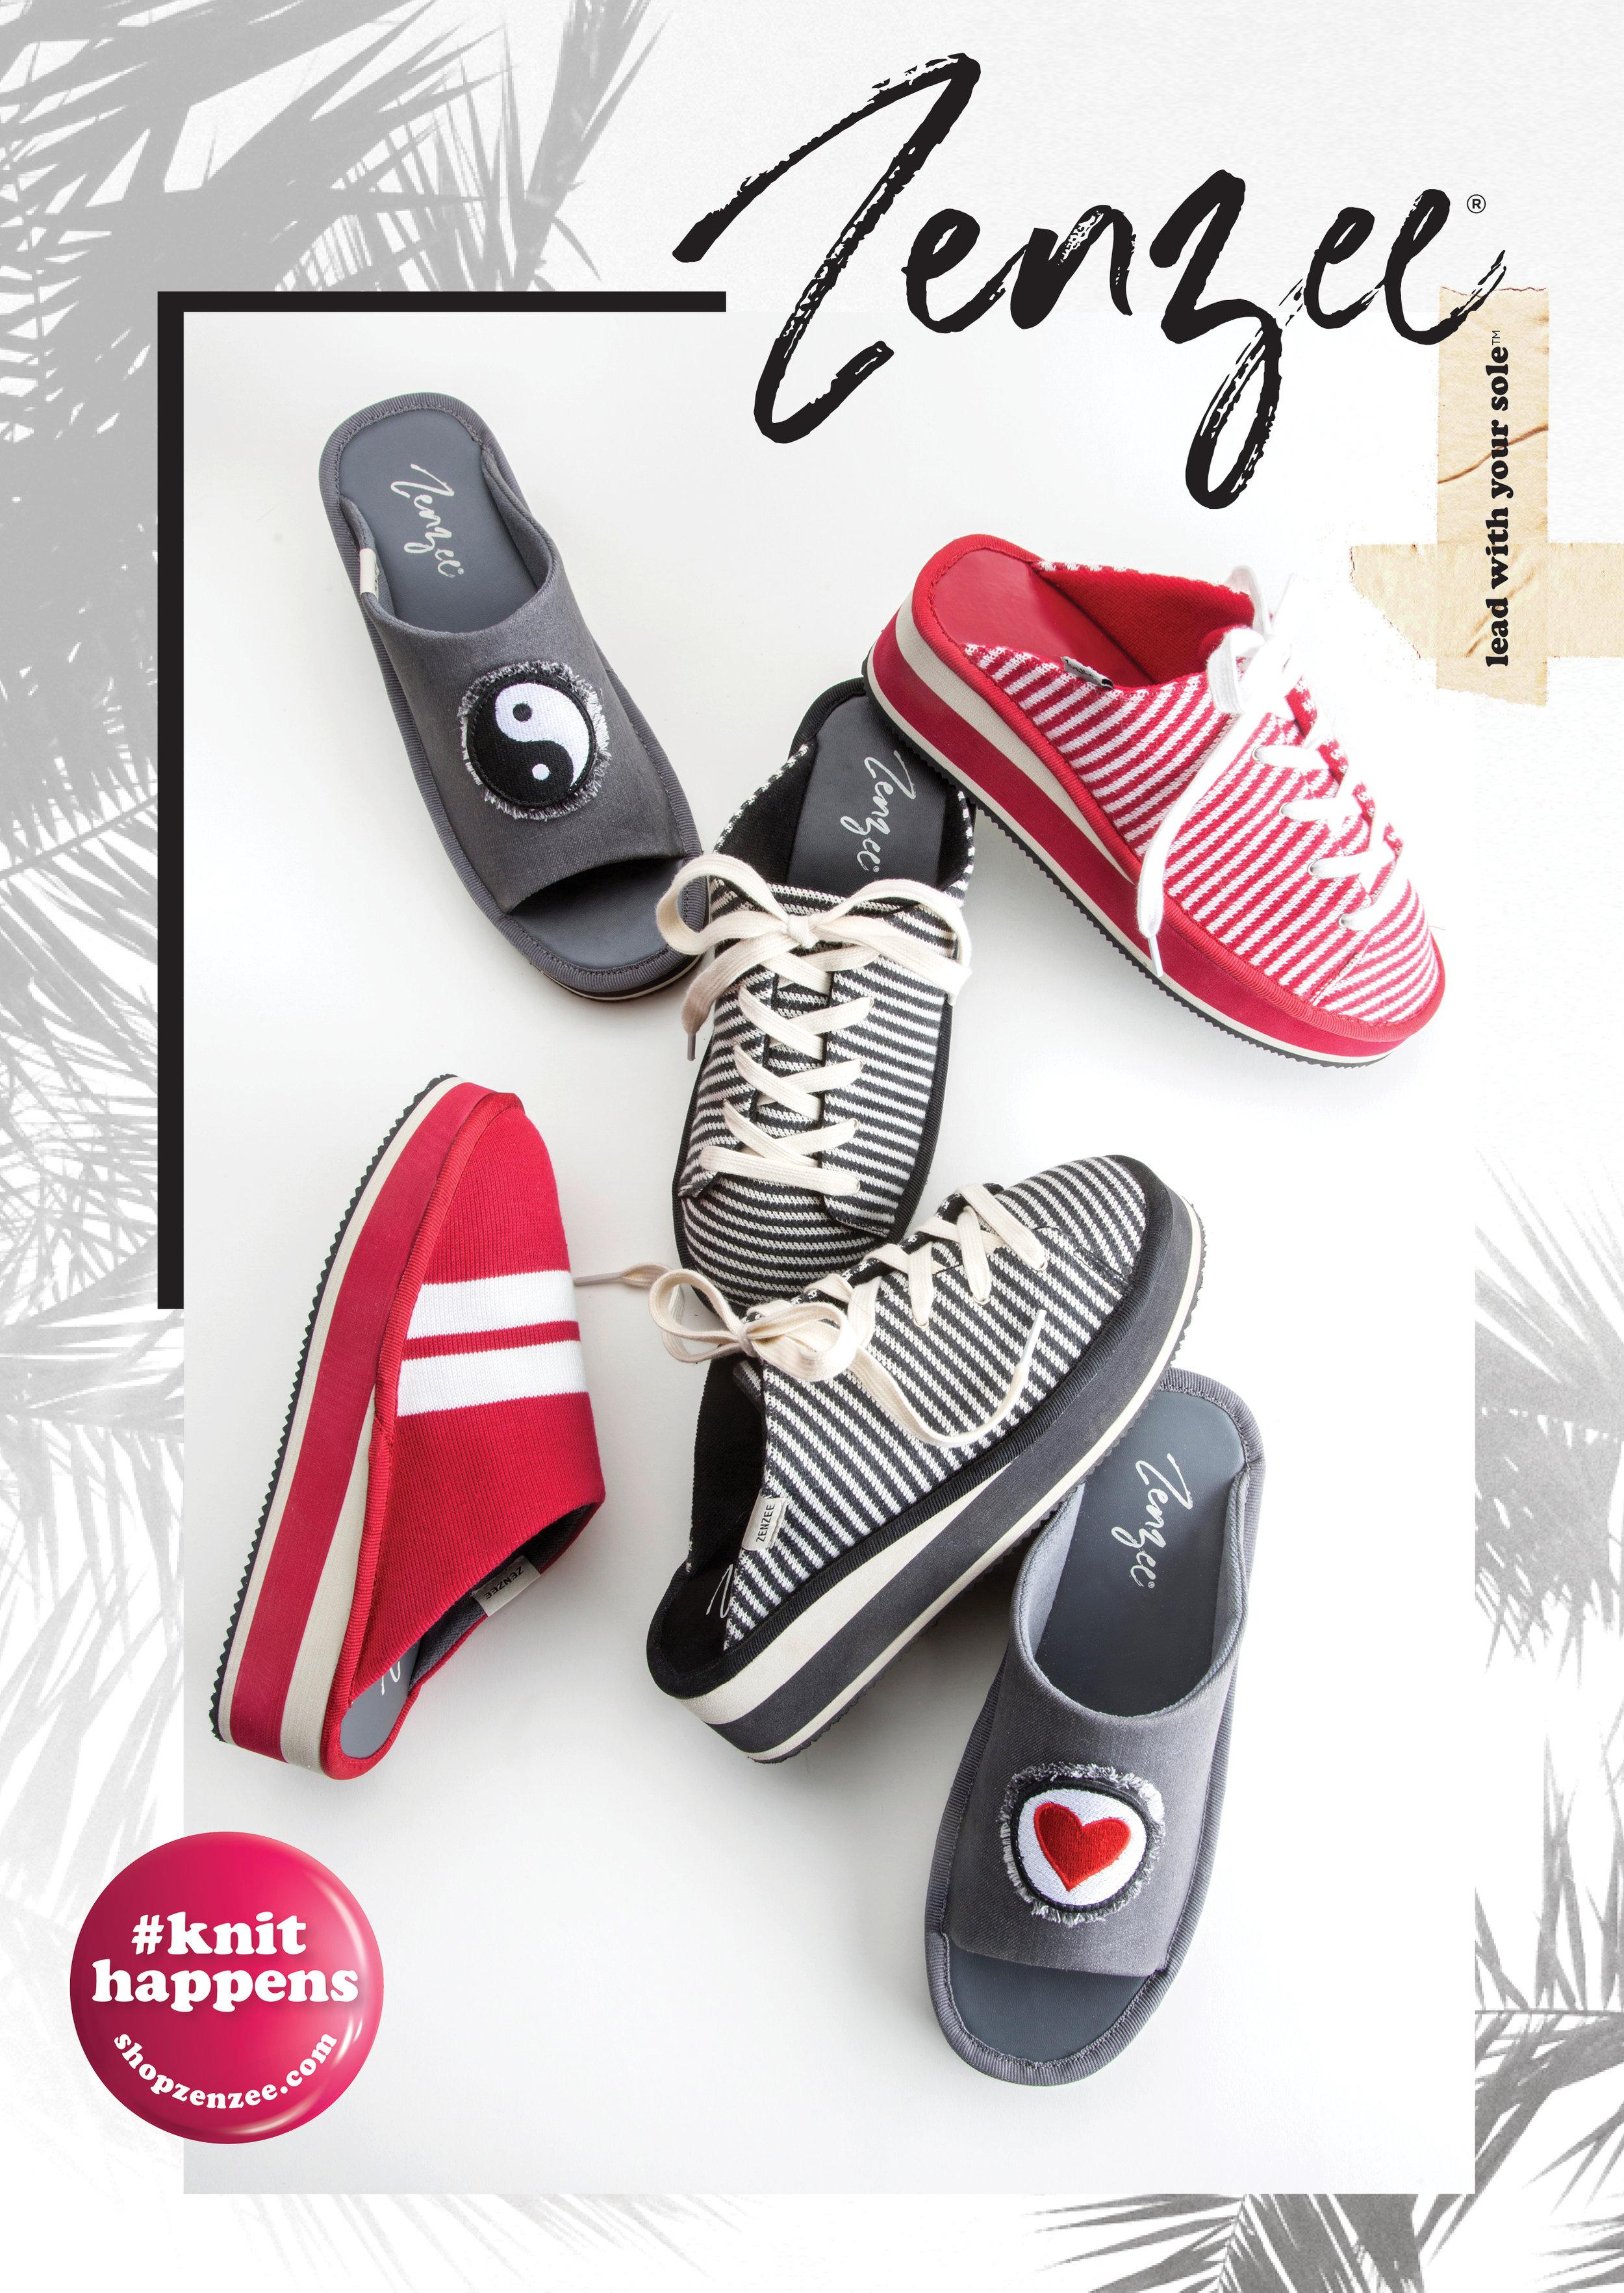 Zenzee slip-on, lace-up mule style sneaker for women. On trend! Stripes. Mules. Platform Sneaker for Women.